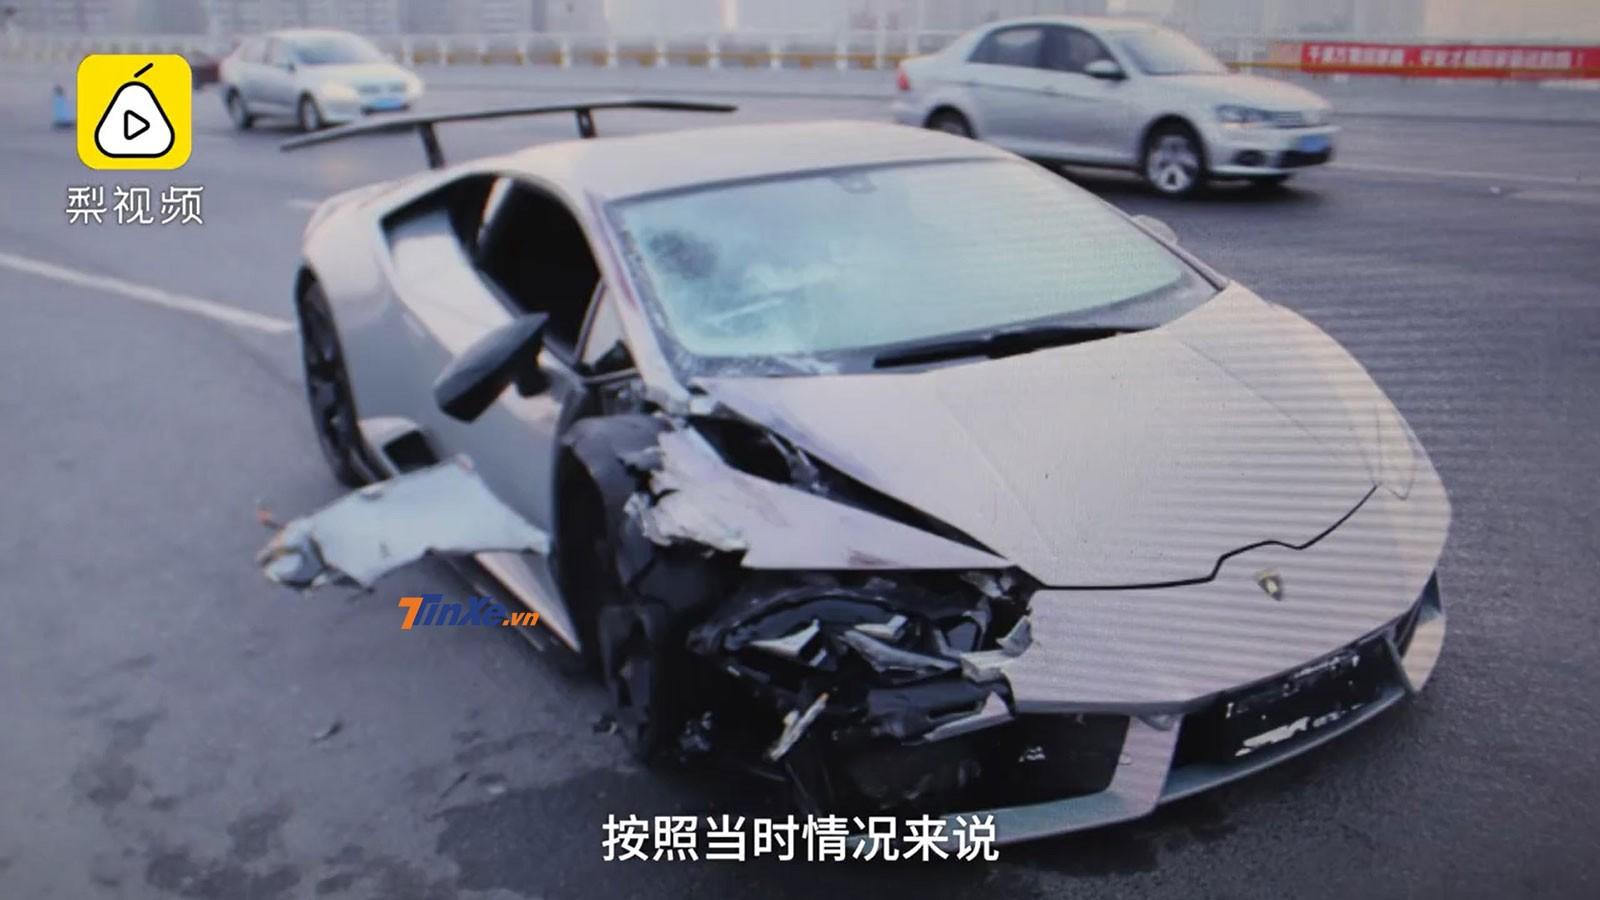 Chiếc siêu xe Lamborghini Huracan bị vỡ một bên đầu xe